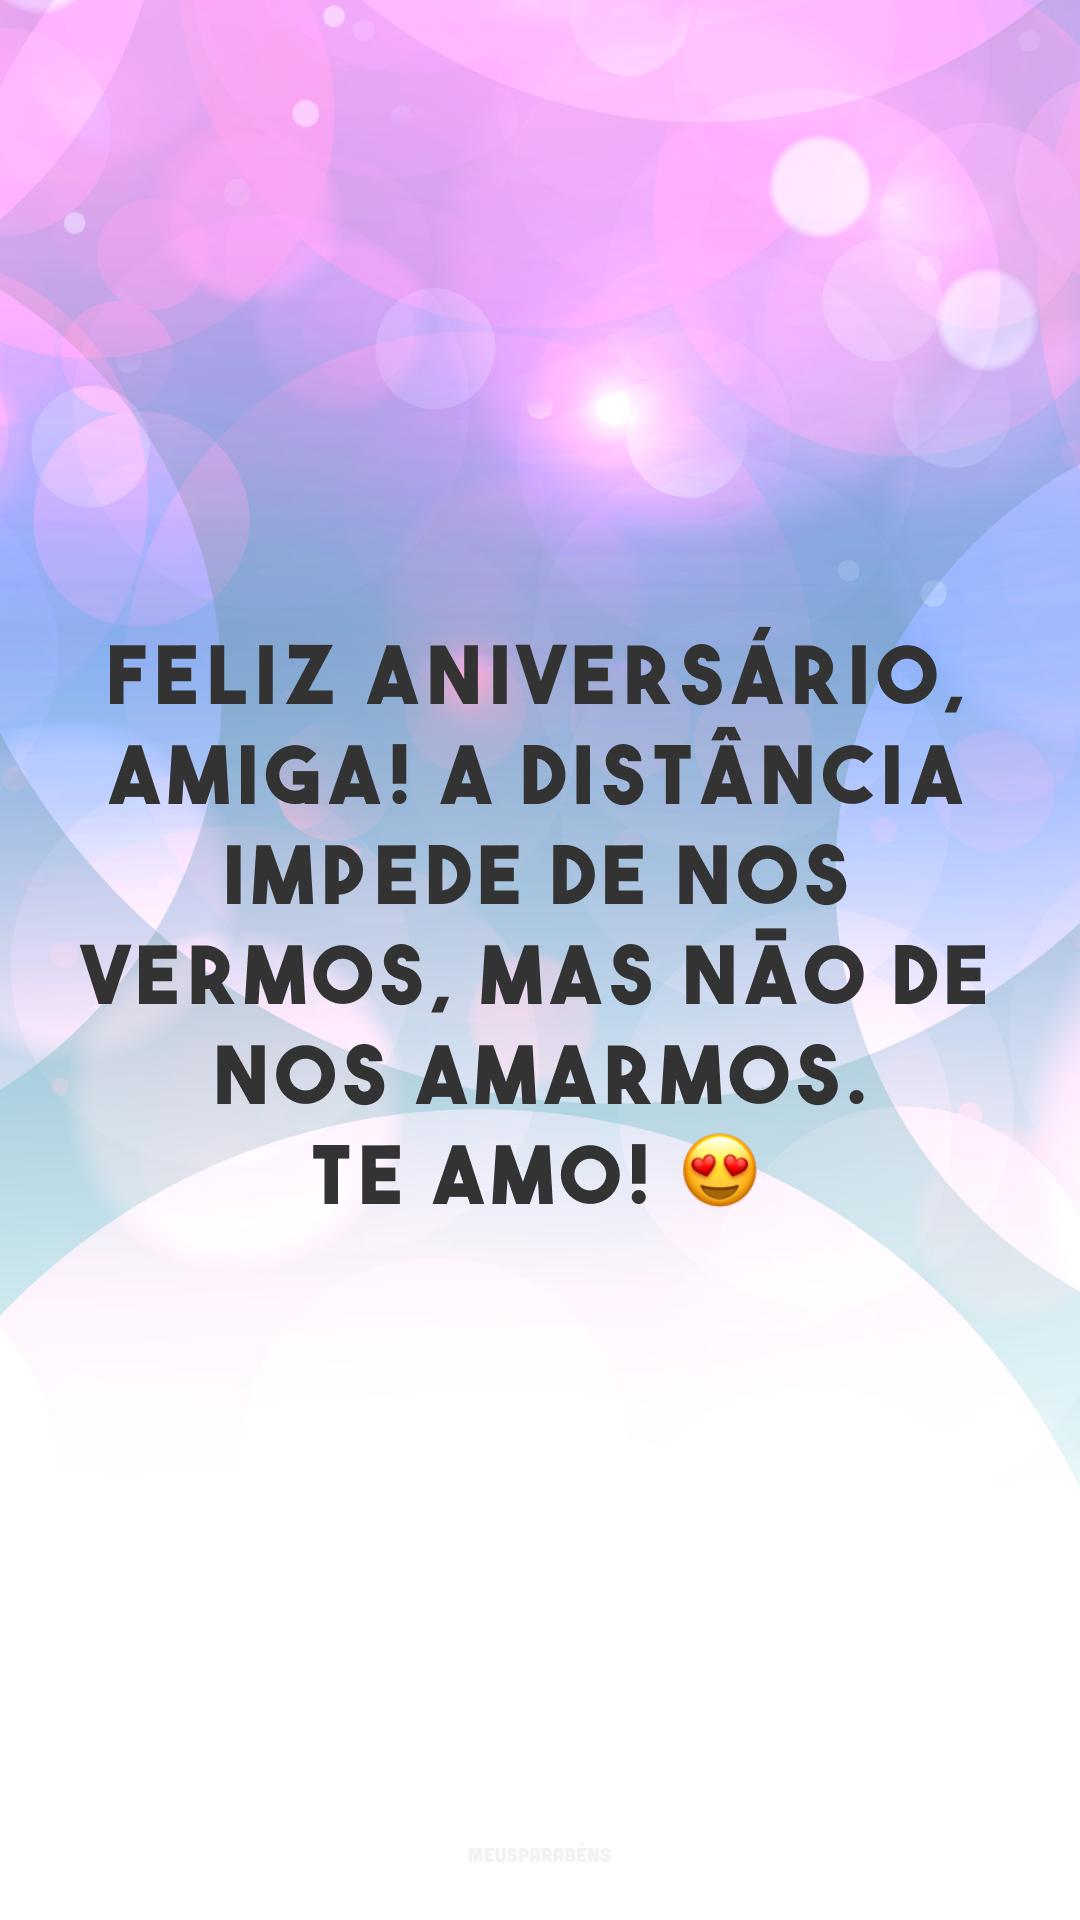 Feliz aniversário, amiga! A distância impede de nos vermos, mas não de nos amarmos. Te amo! 😍